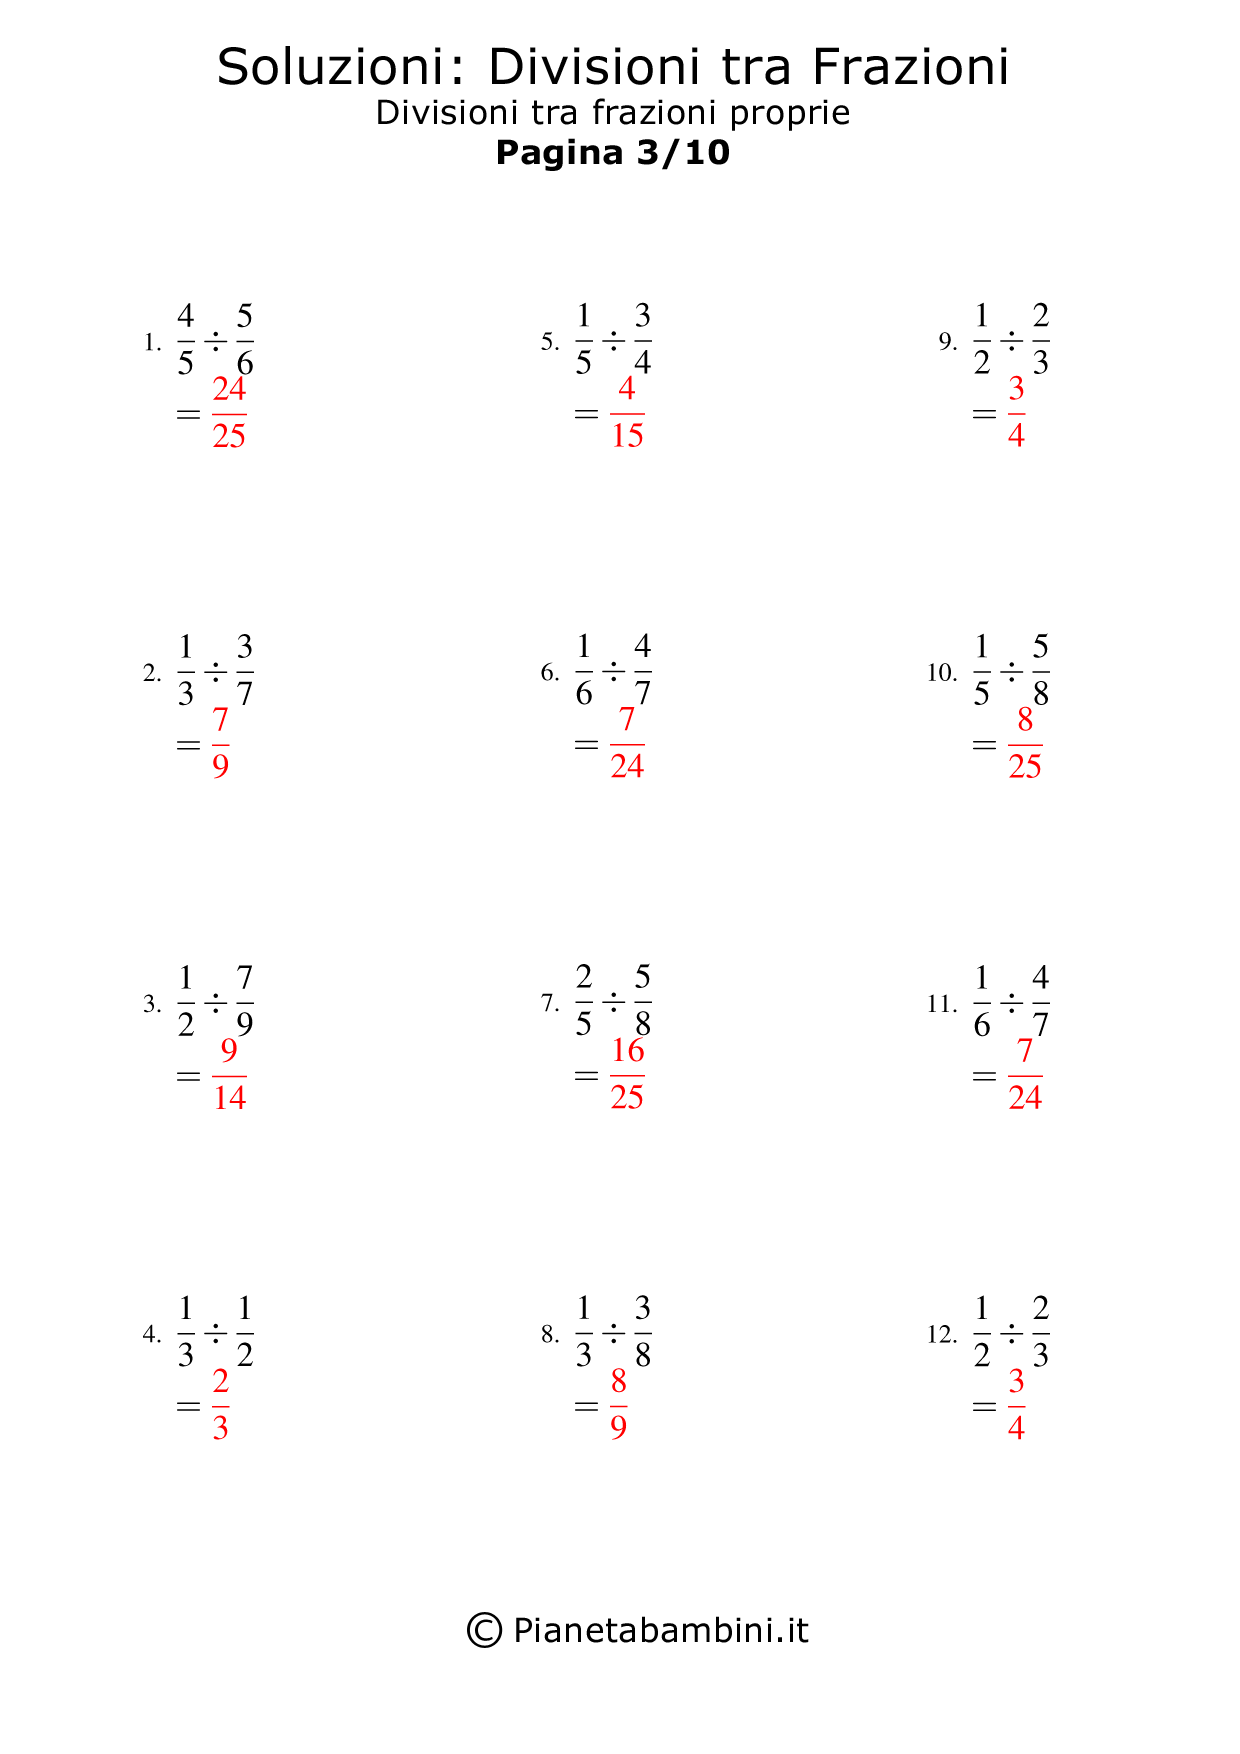 Soluzioni-Divisioni-Frazioni-Proprie_03